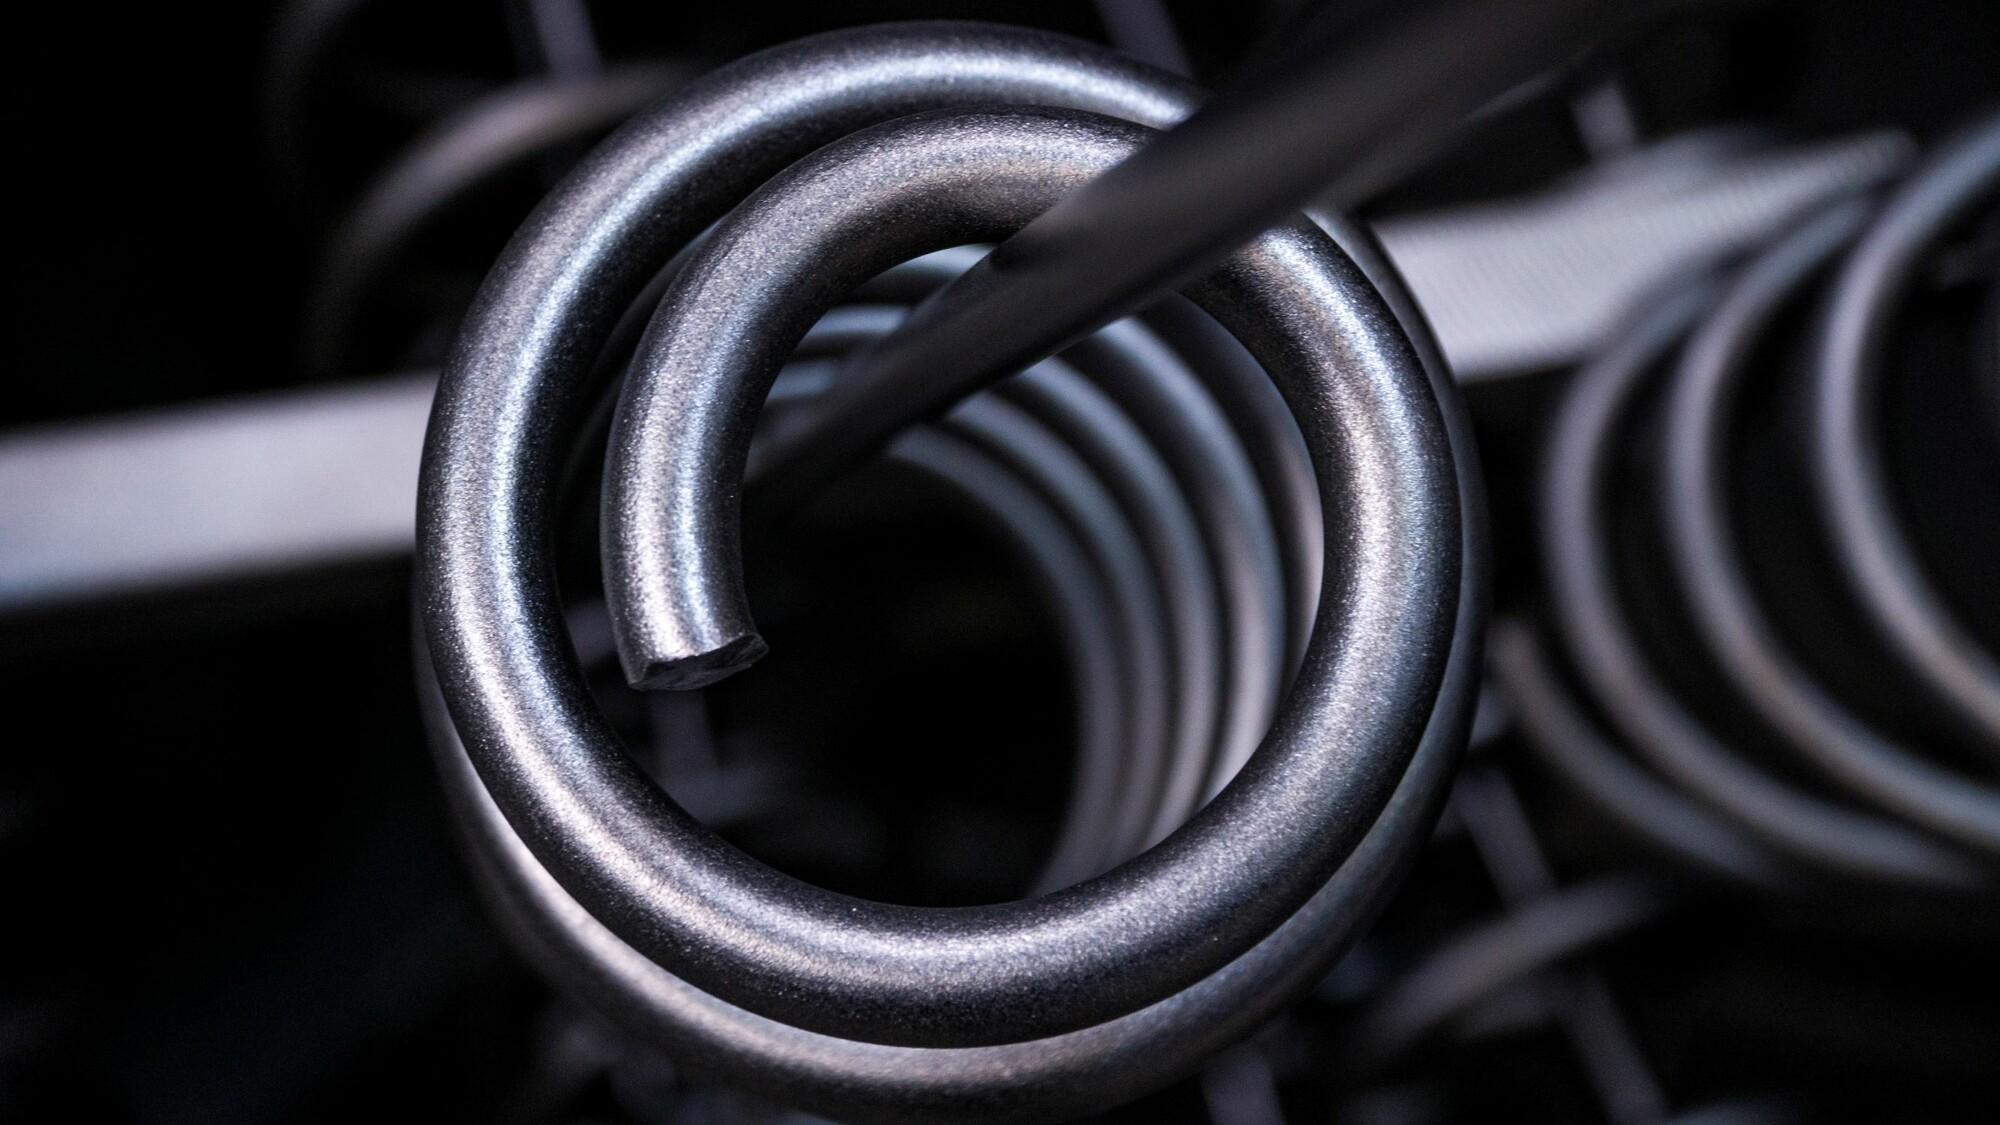 Custom-made compression springs